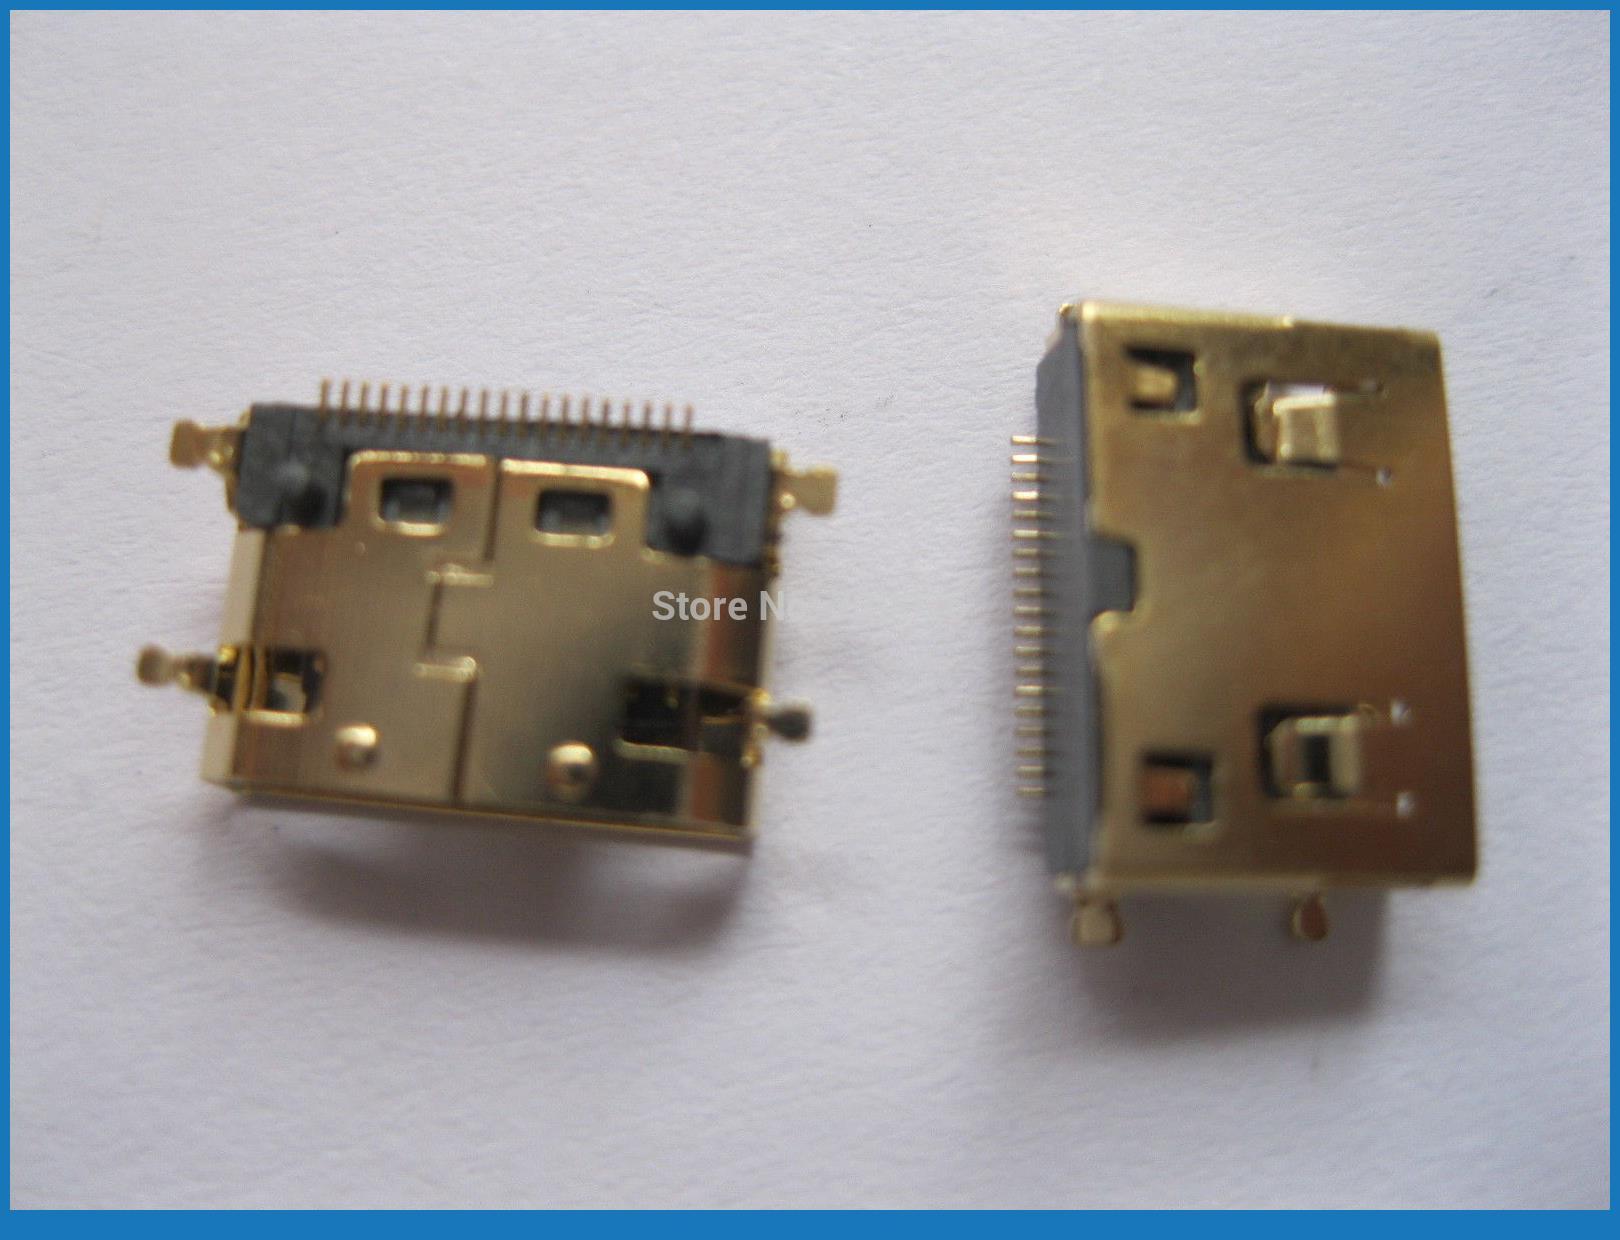 200 шт золотой мини 19pin HDMI гнездовой соединитель SMT 180 градусов